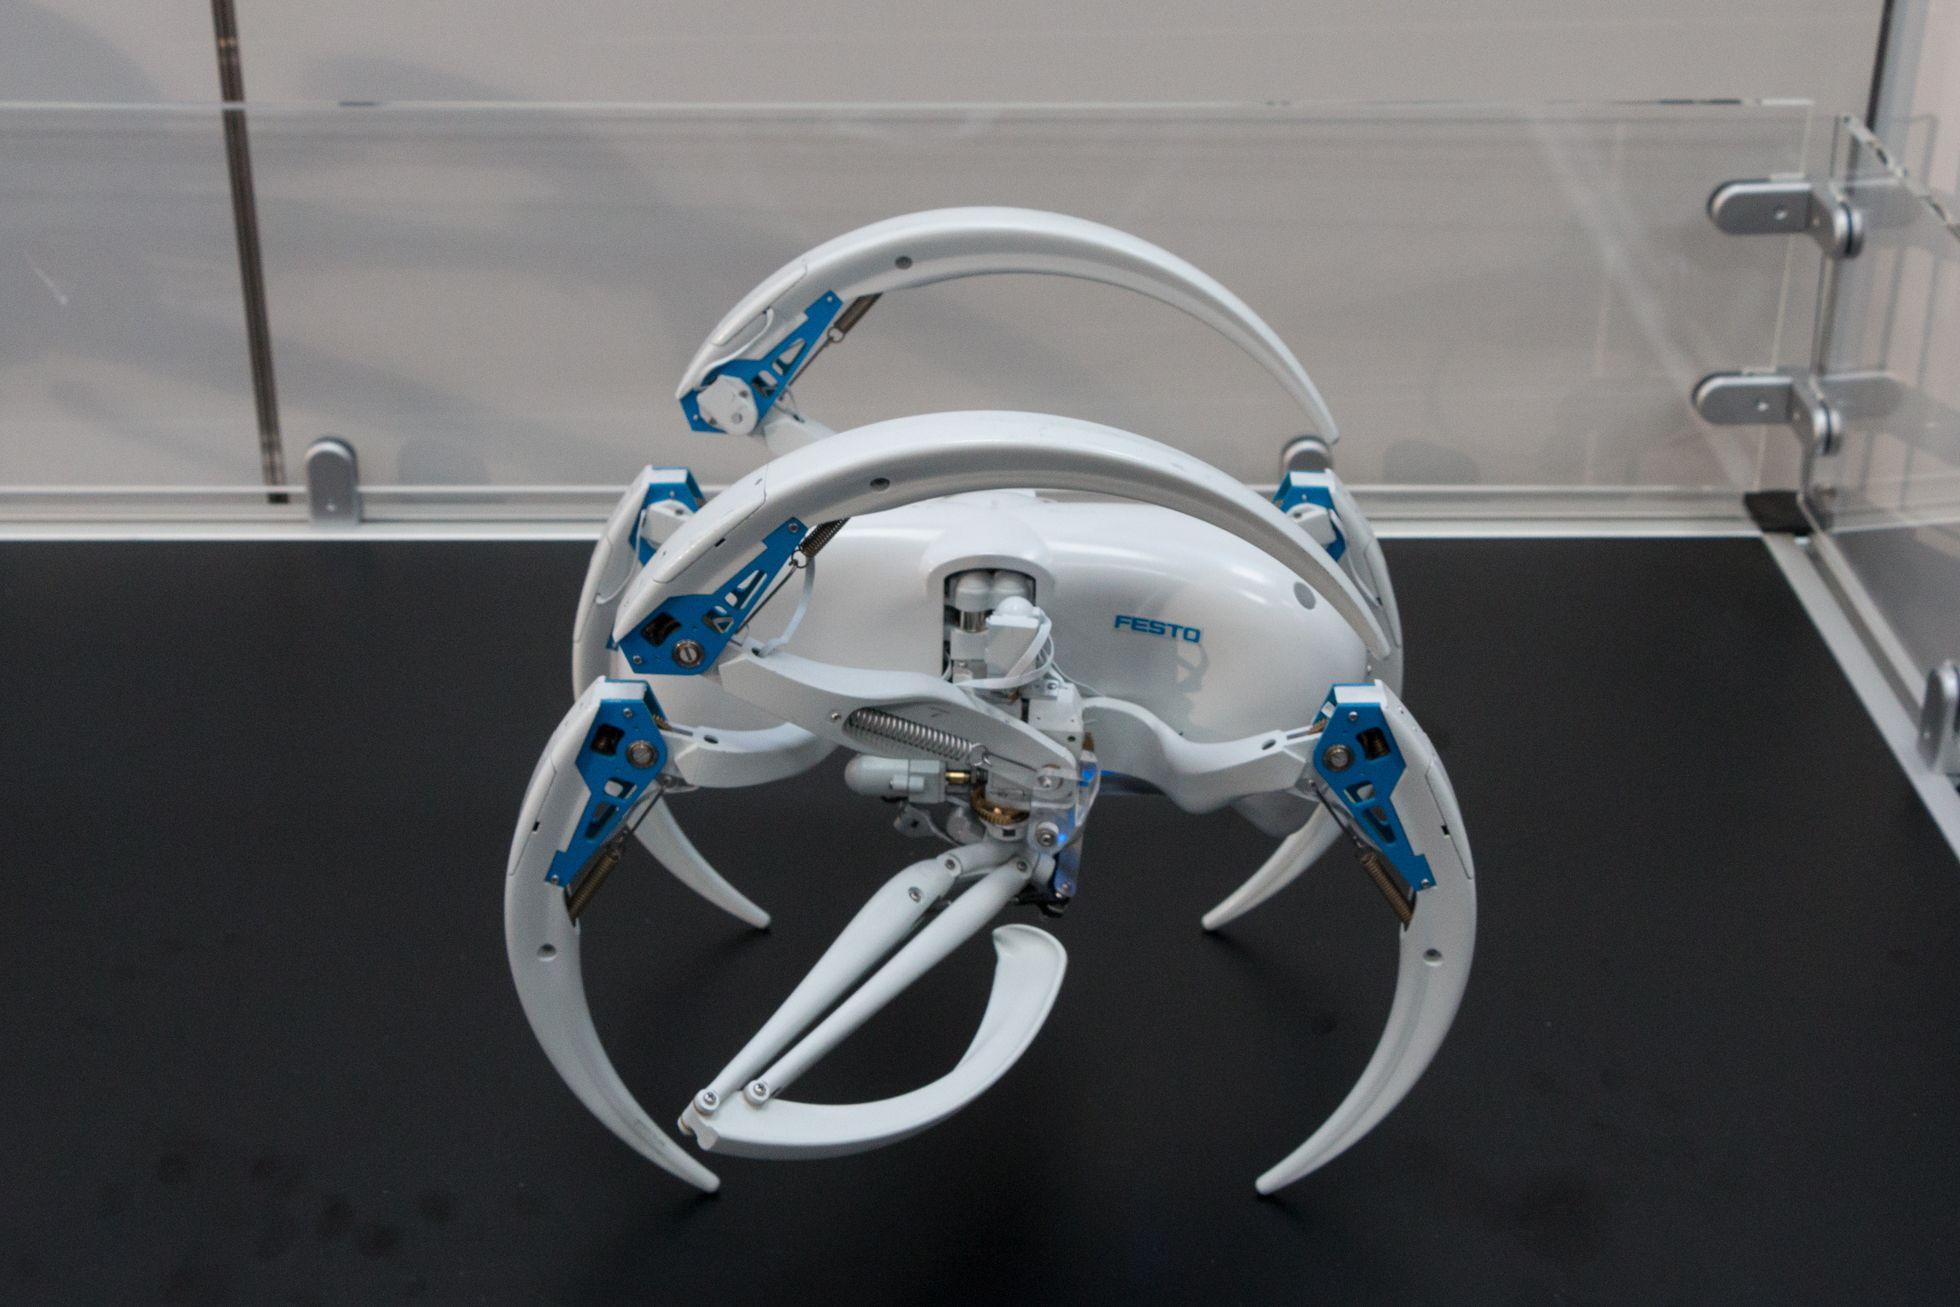 Bionic Wheel Bot: Festos Spinnenroboter rollt und läuft -